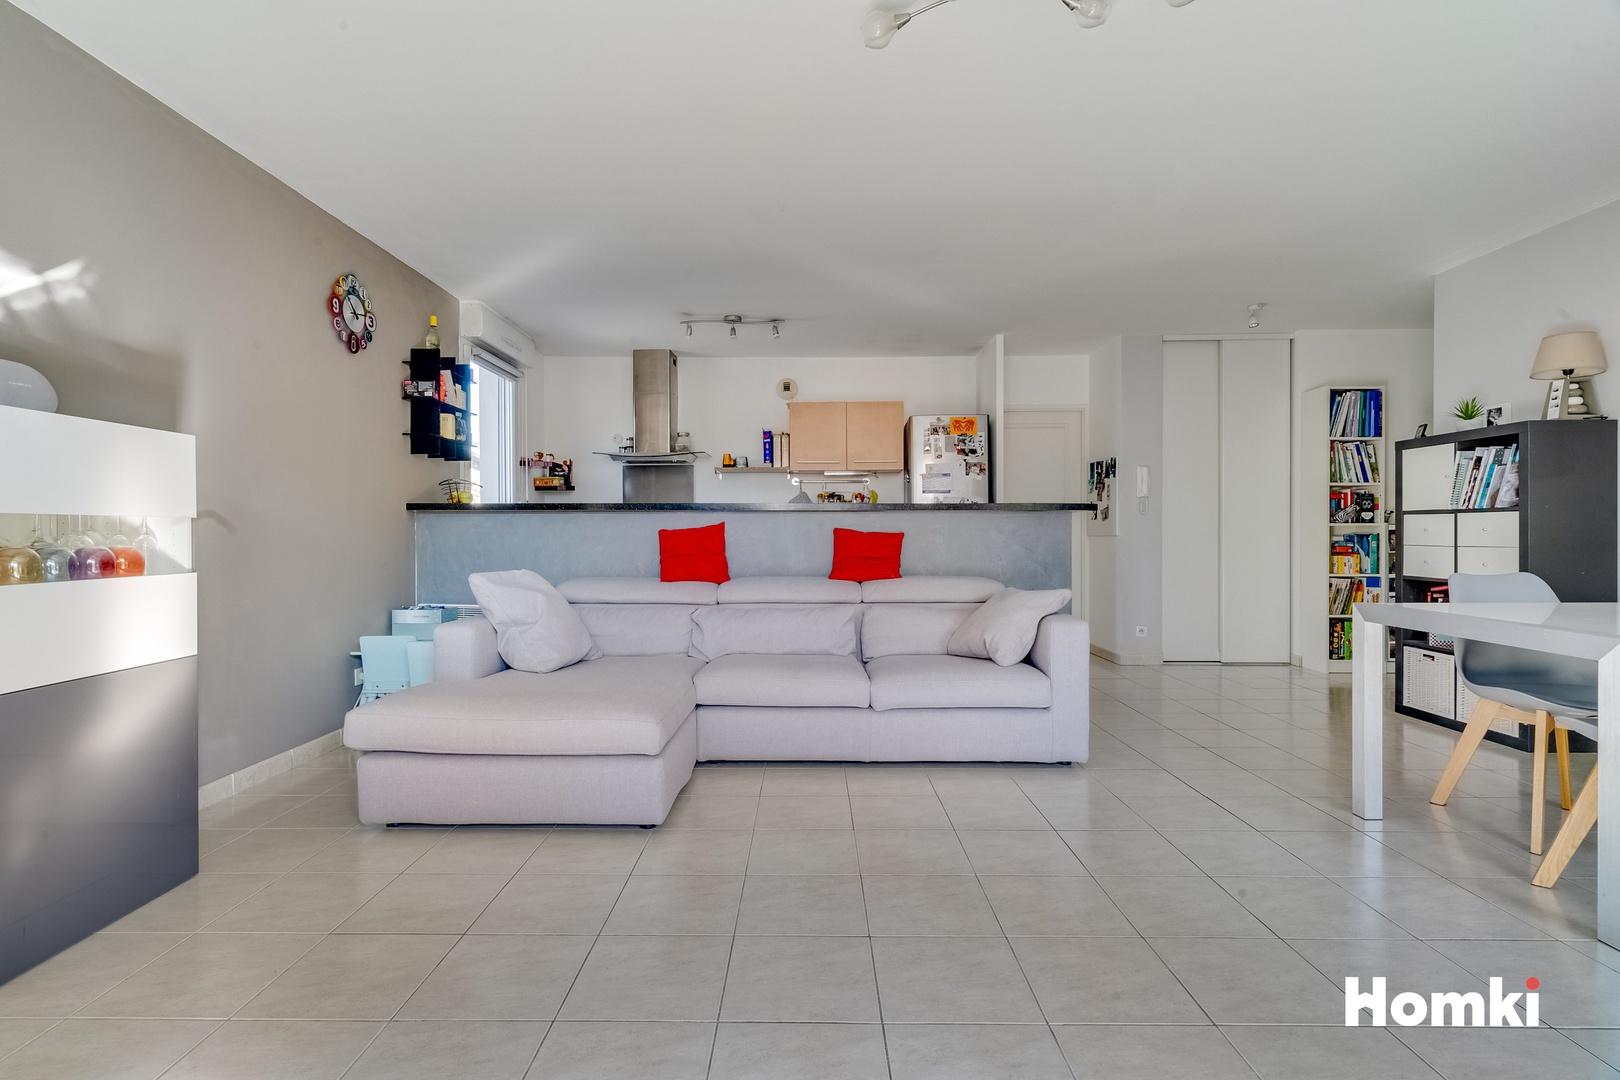 Homki - Vente Appartement  de 84.0 m² à Marseille 13011